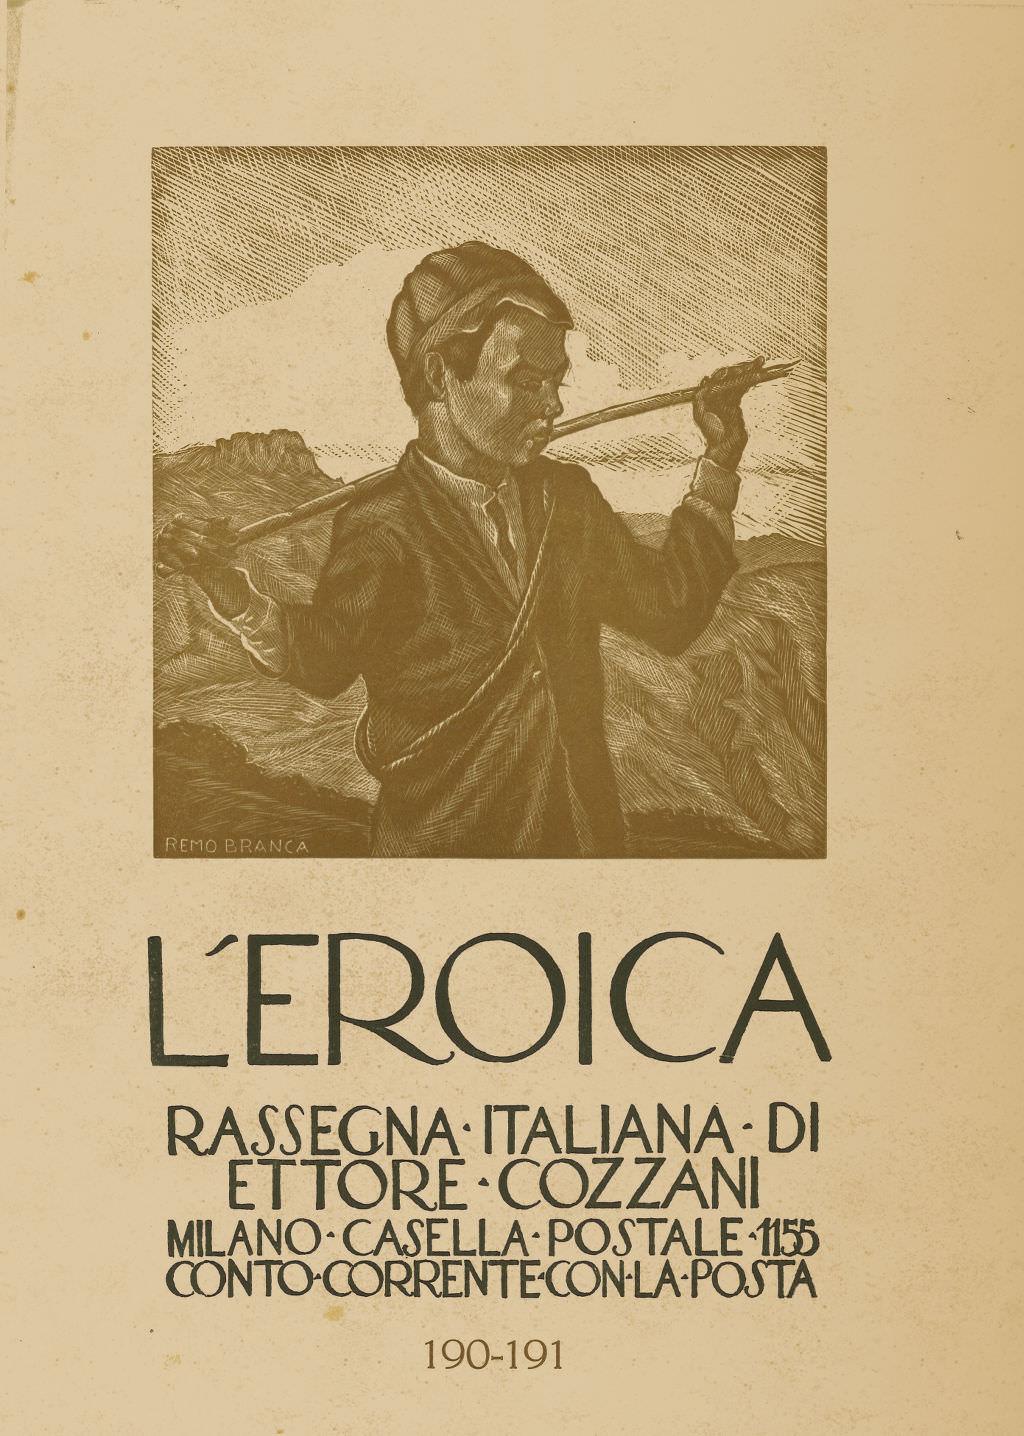 Eroica 190-191